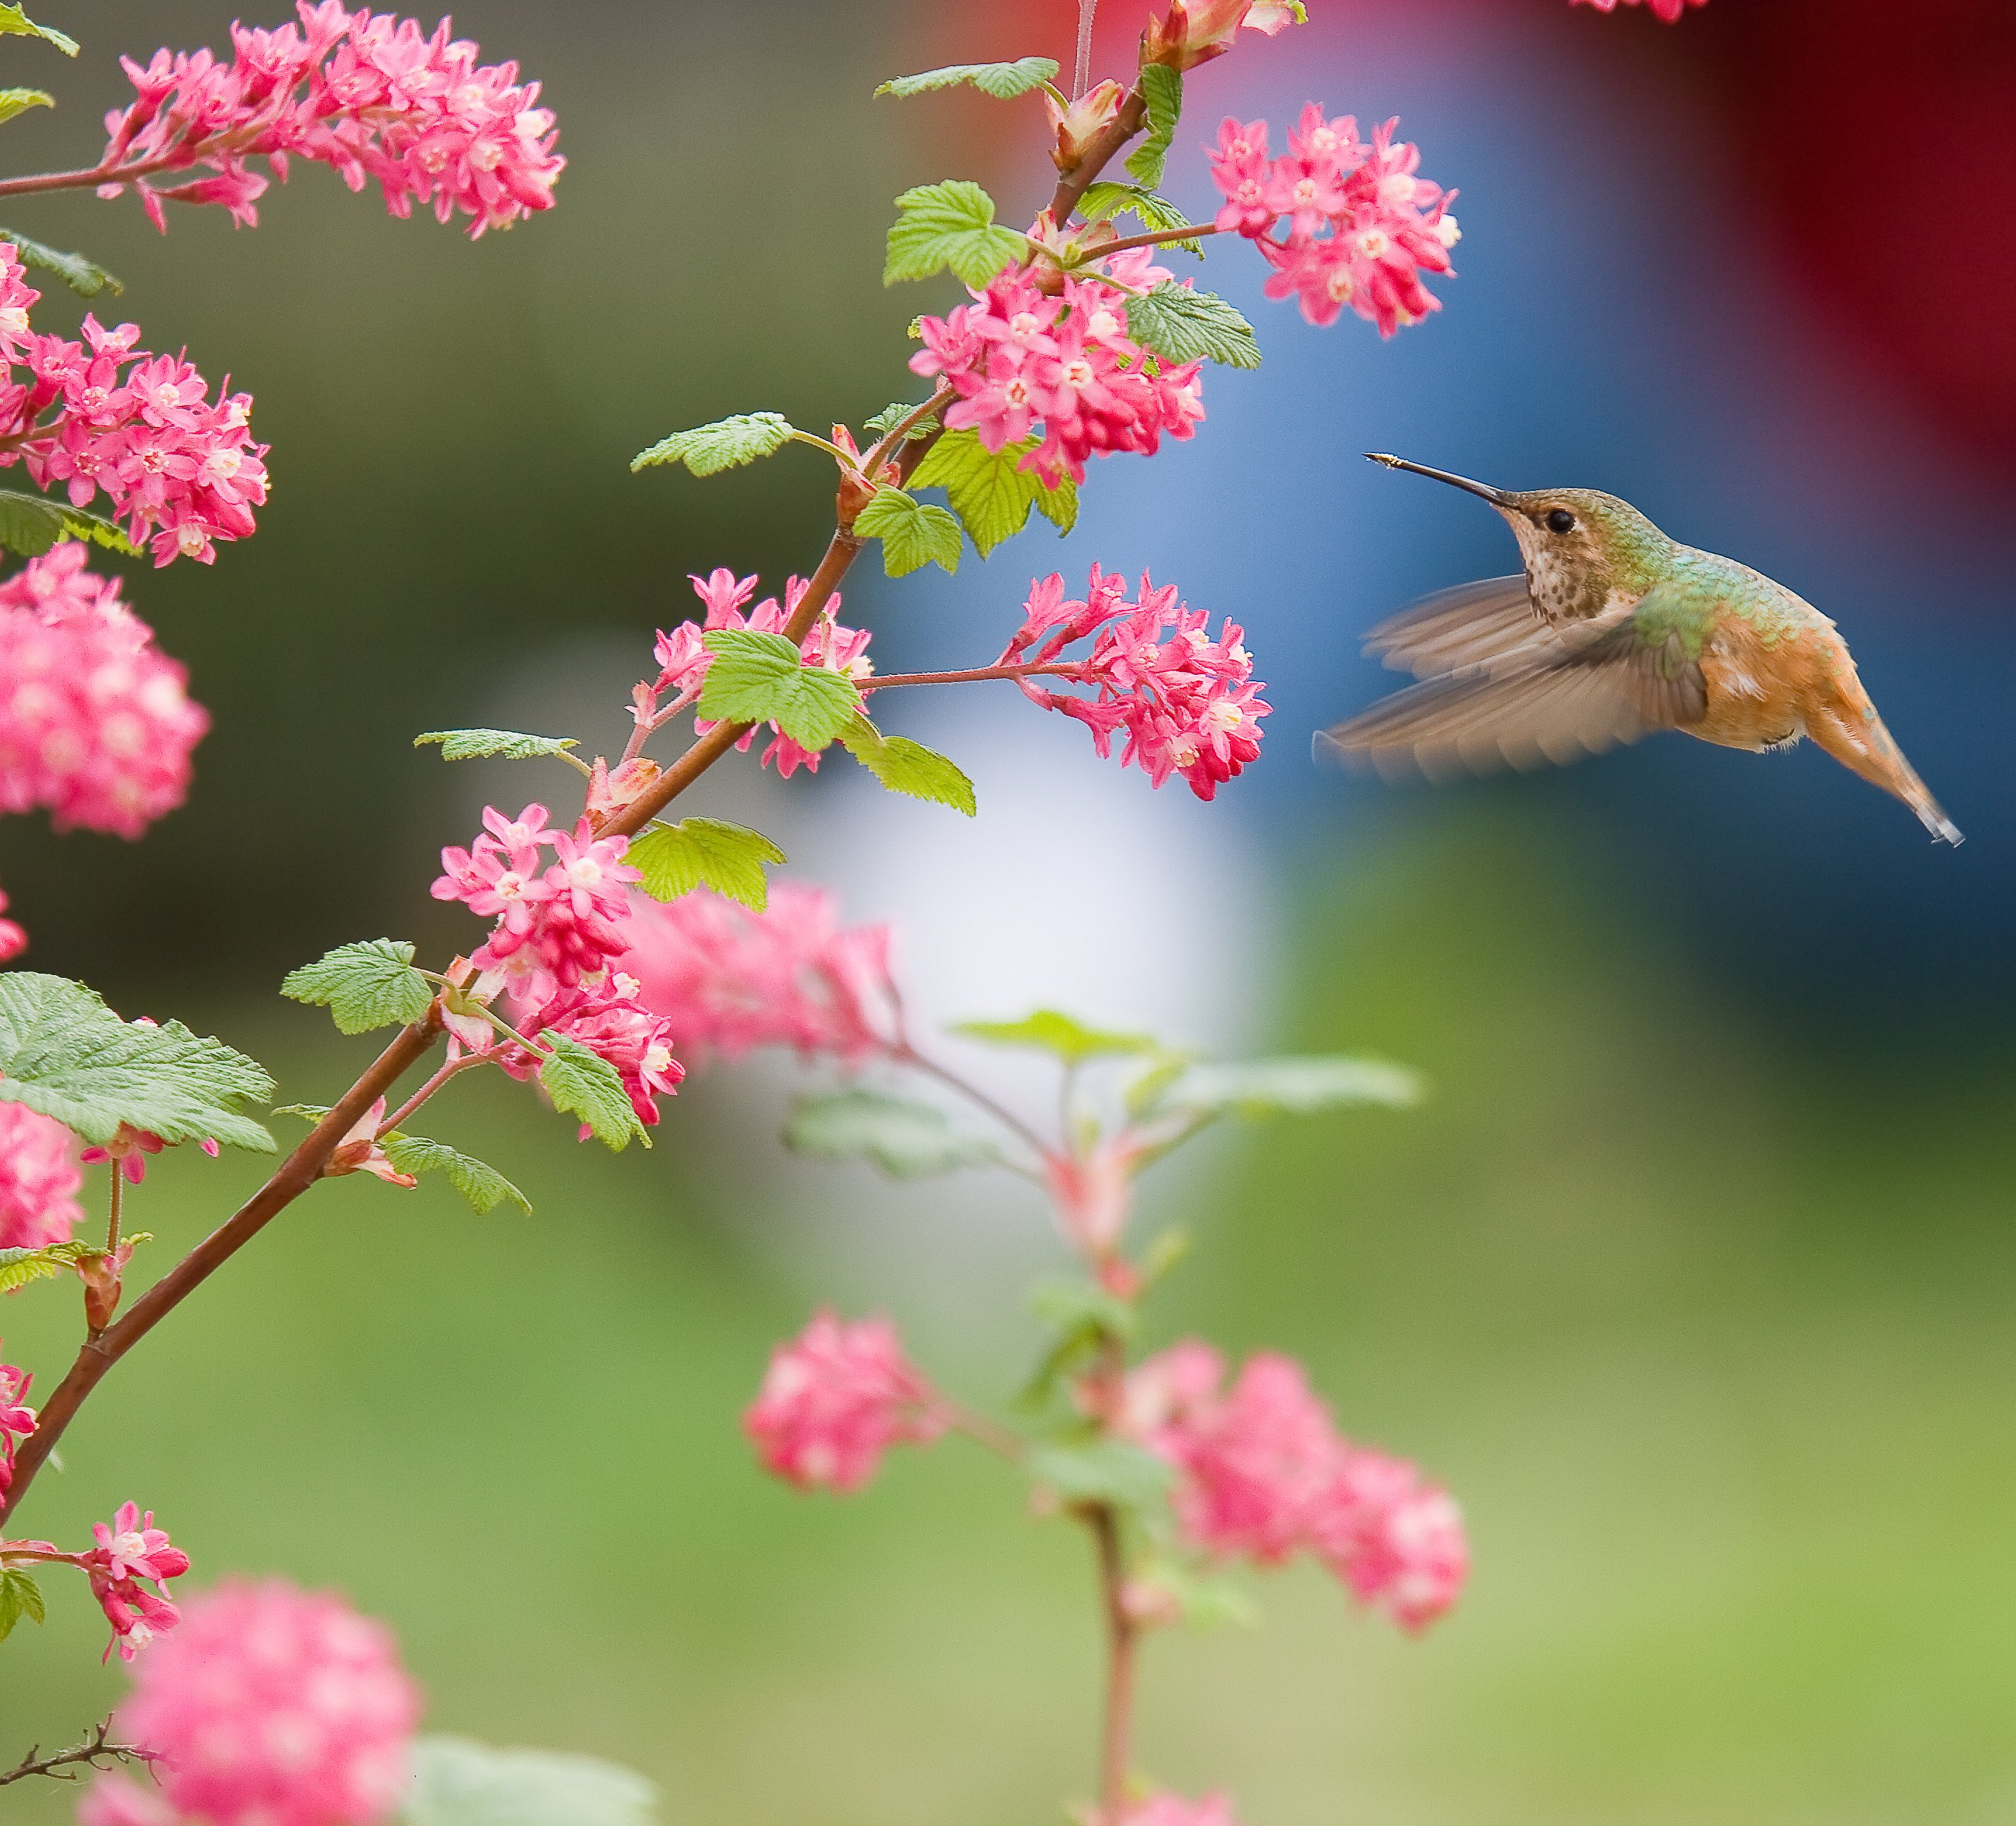 Free Bird And Flower Wallpaper